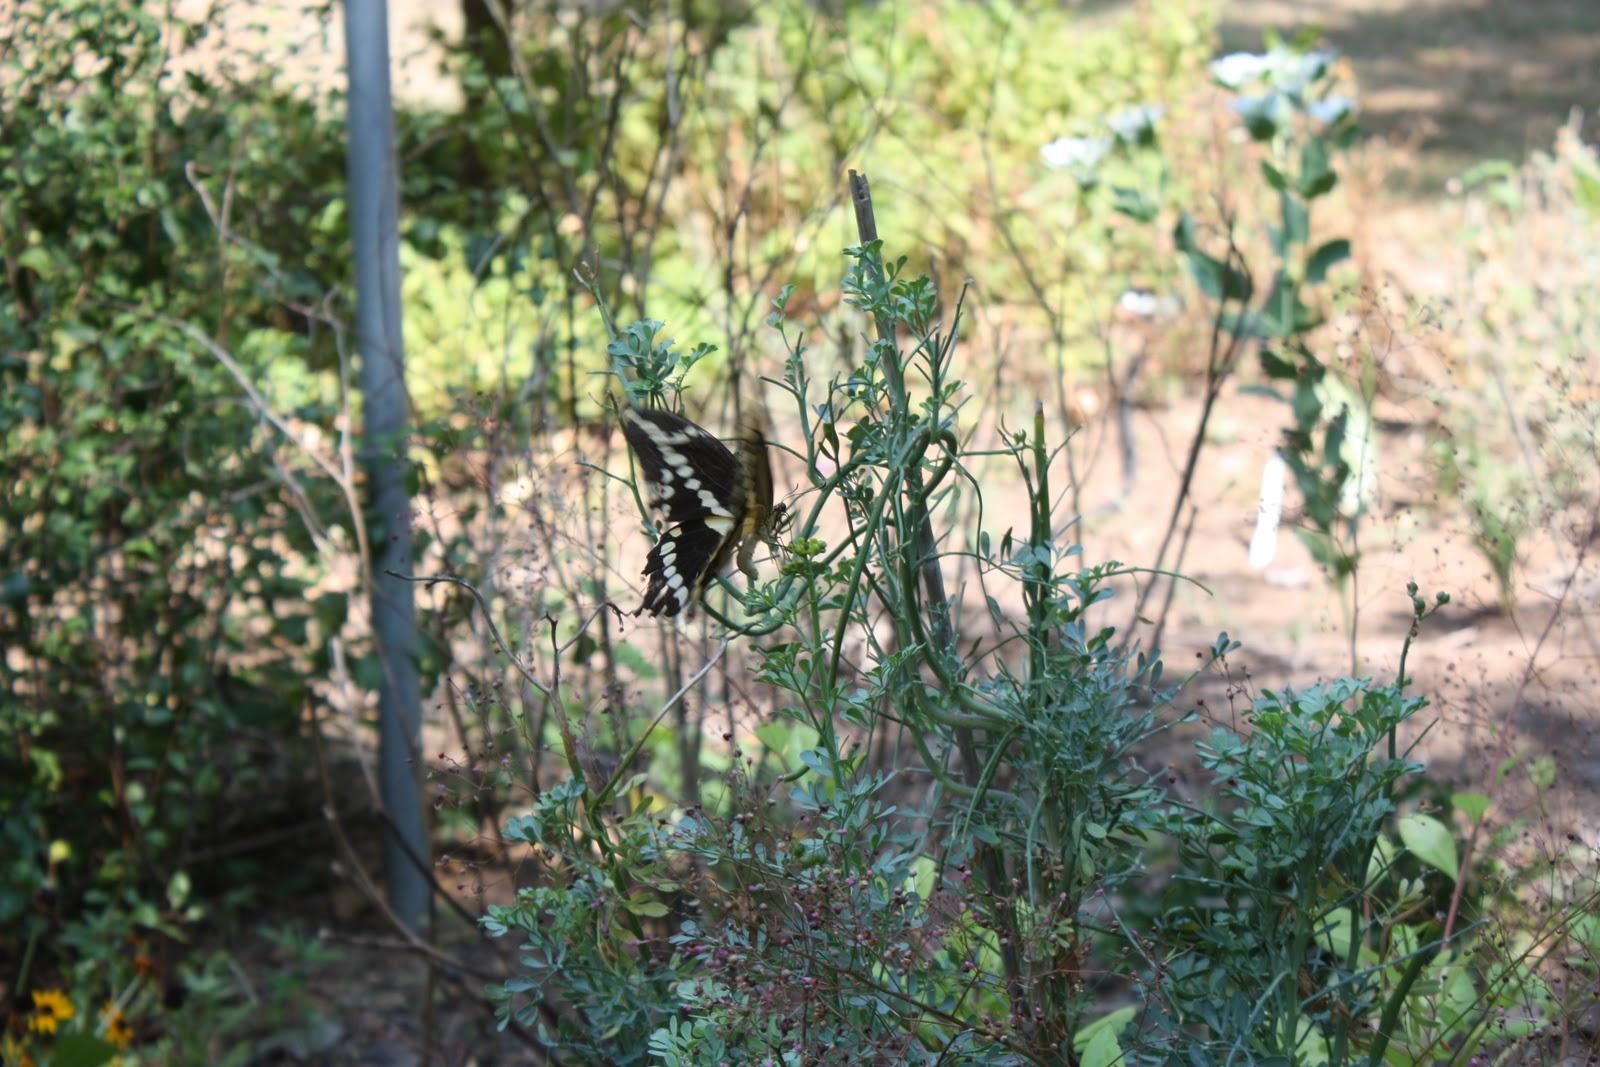 Mariposa gigante de Swallowtail y polillas del minero de la hoja de la fruta cítrica